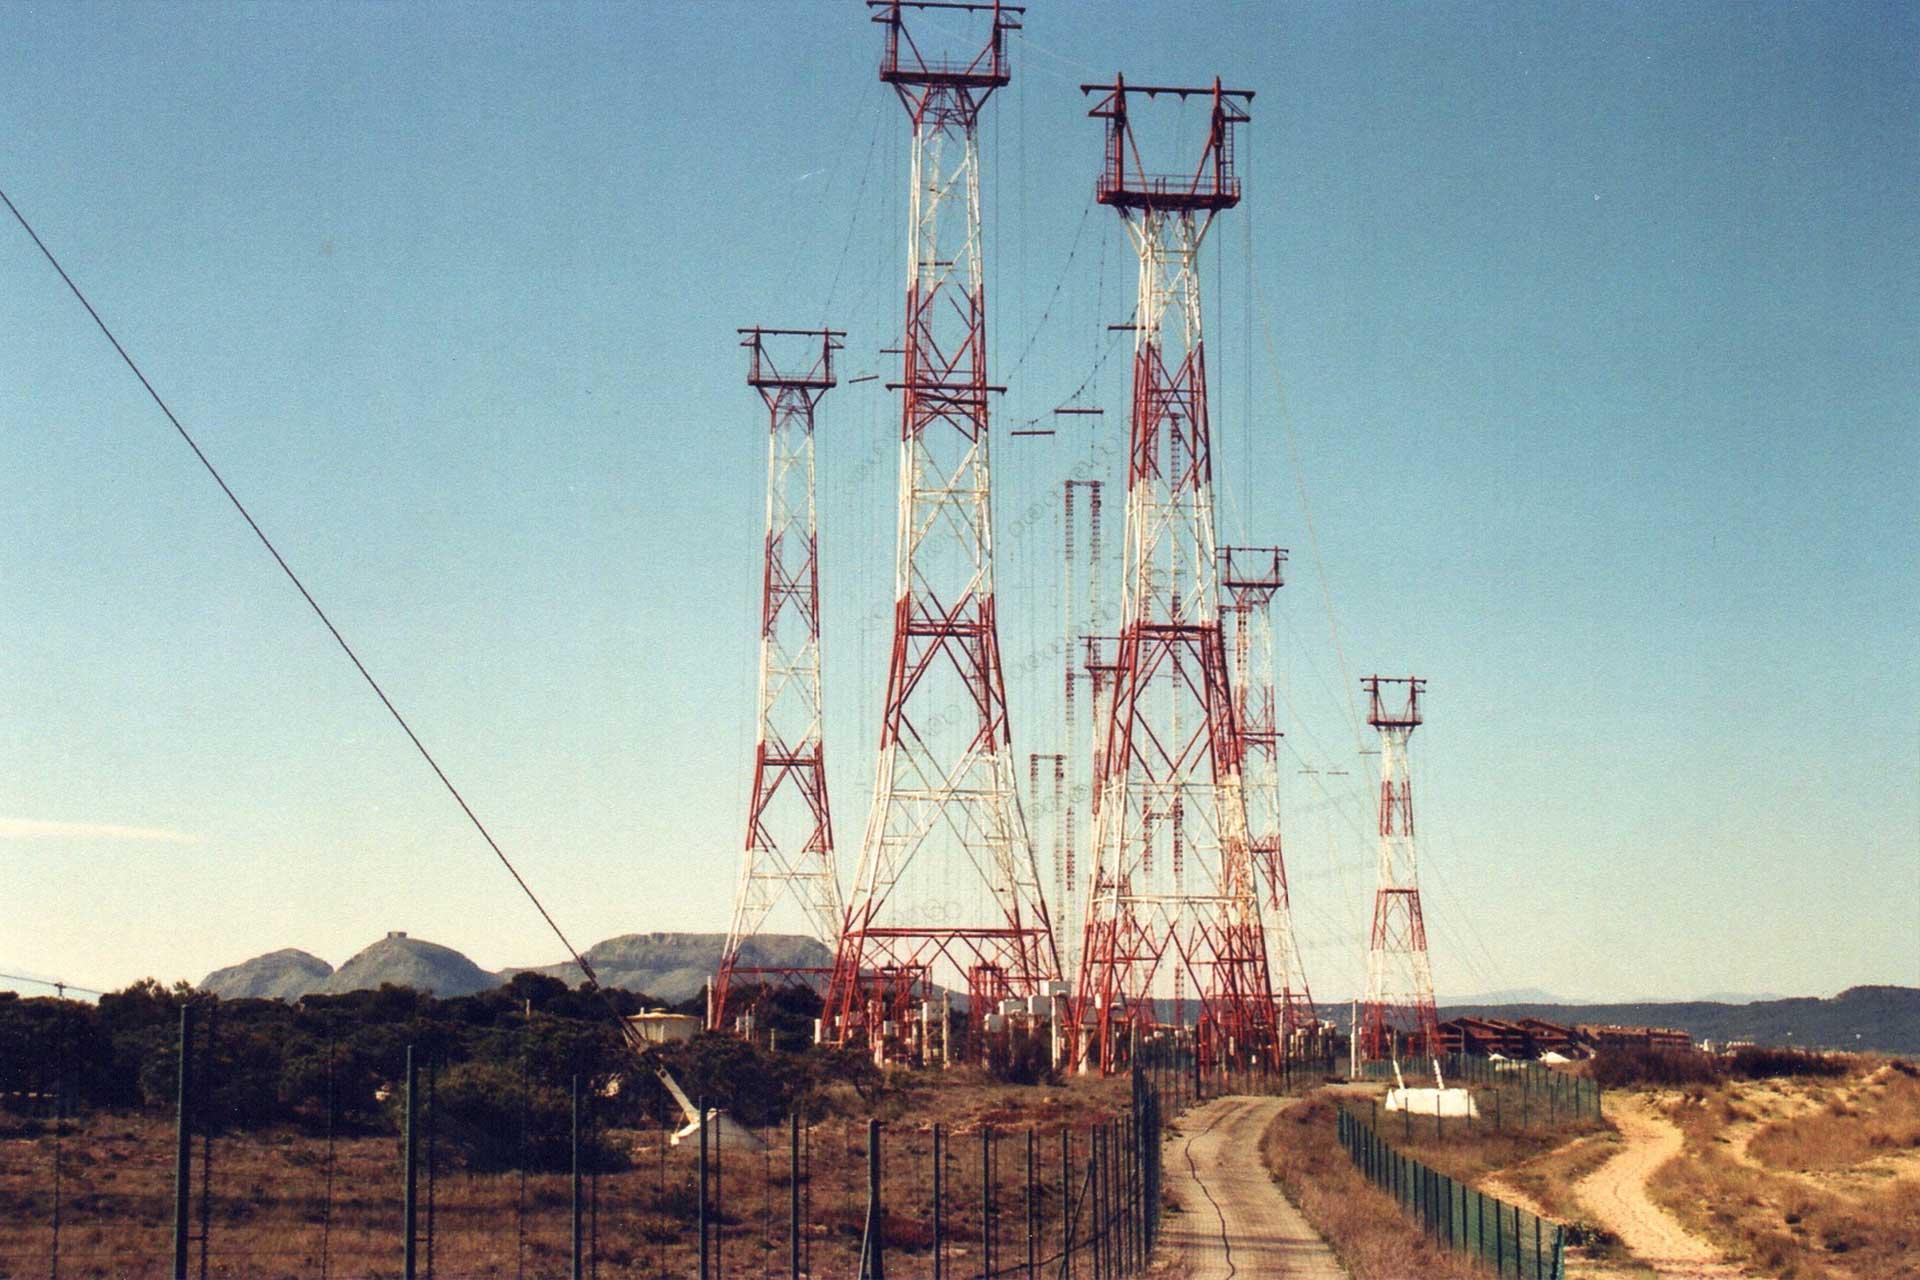 radio-liberty-amplificant-la-llibertat-des-de-la-platja-de-pals-antenas